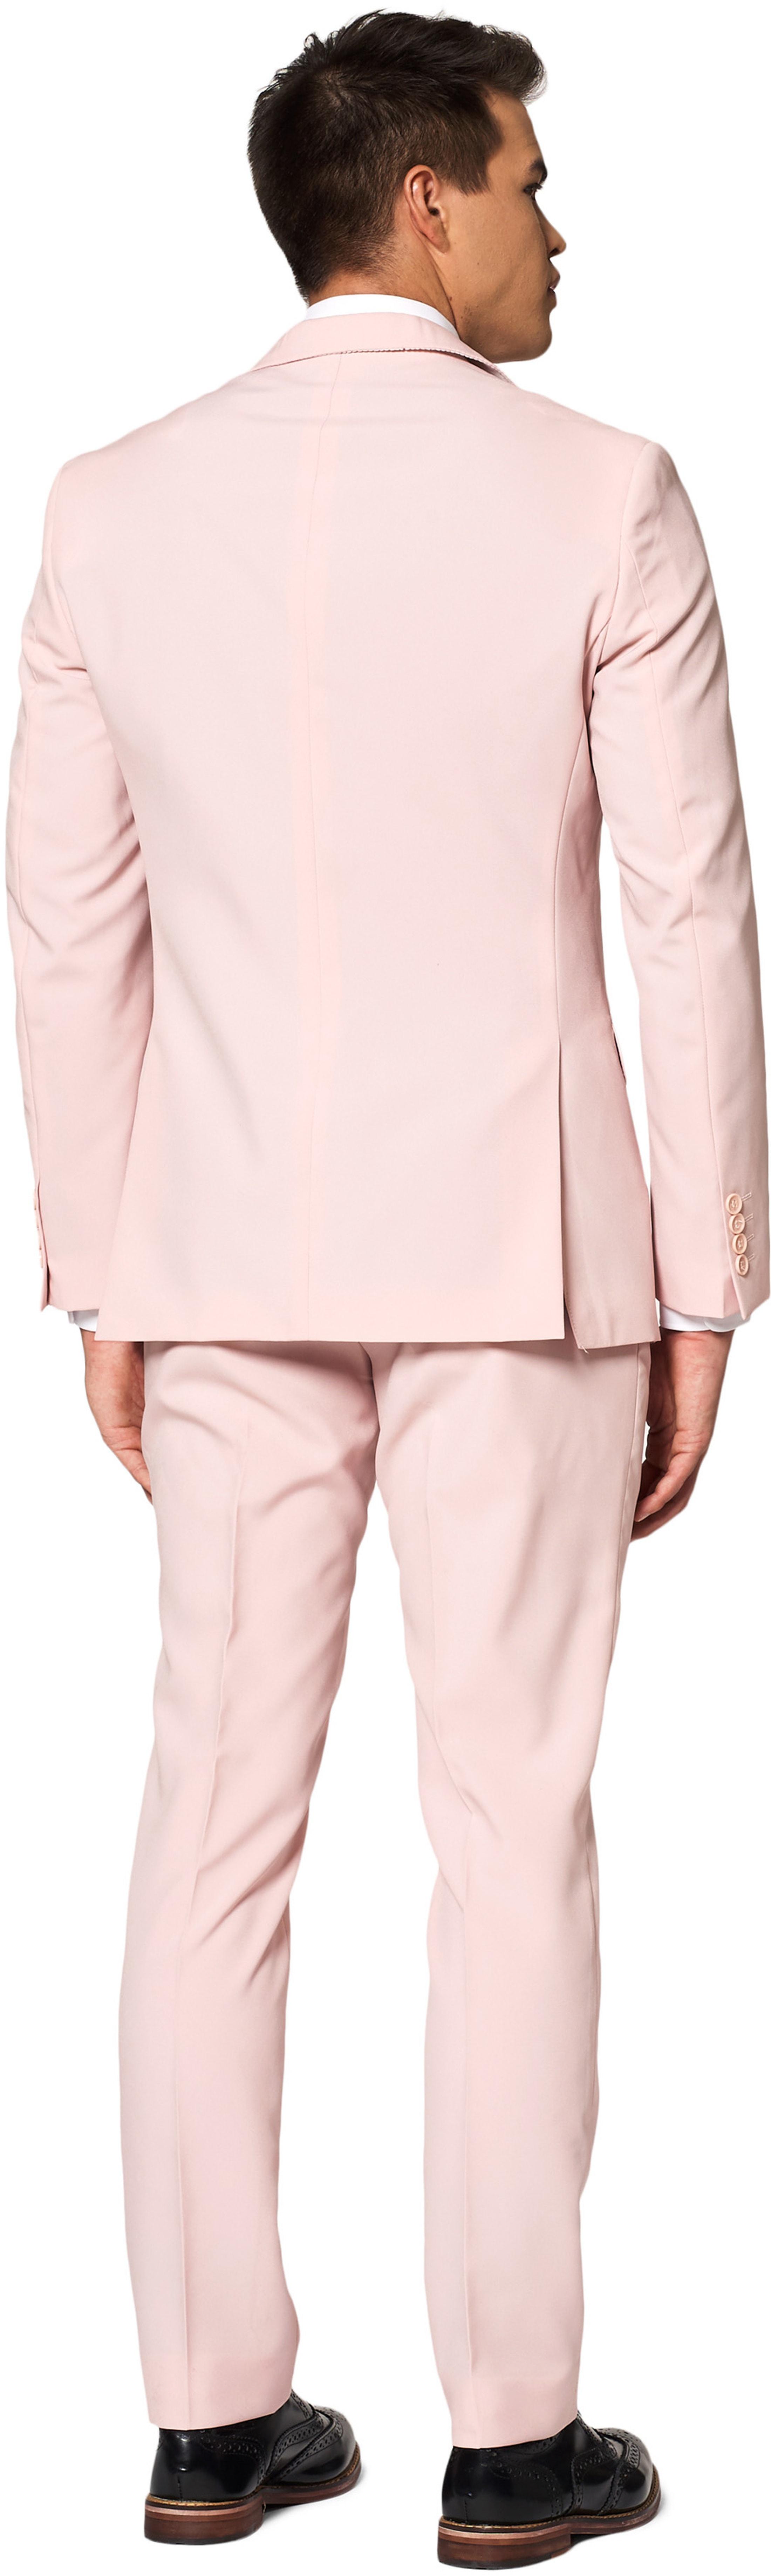 OppoSuits Lush Blush Suit foto 1